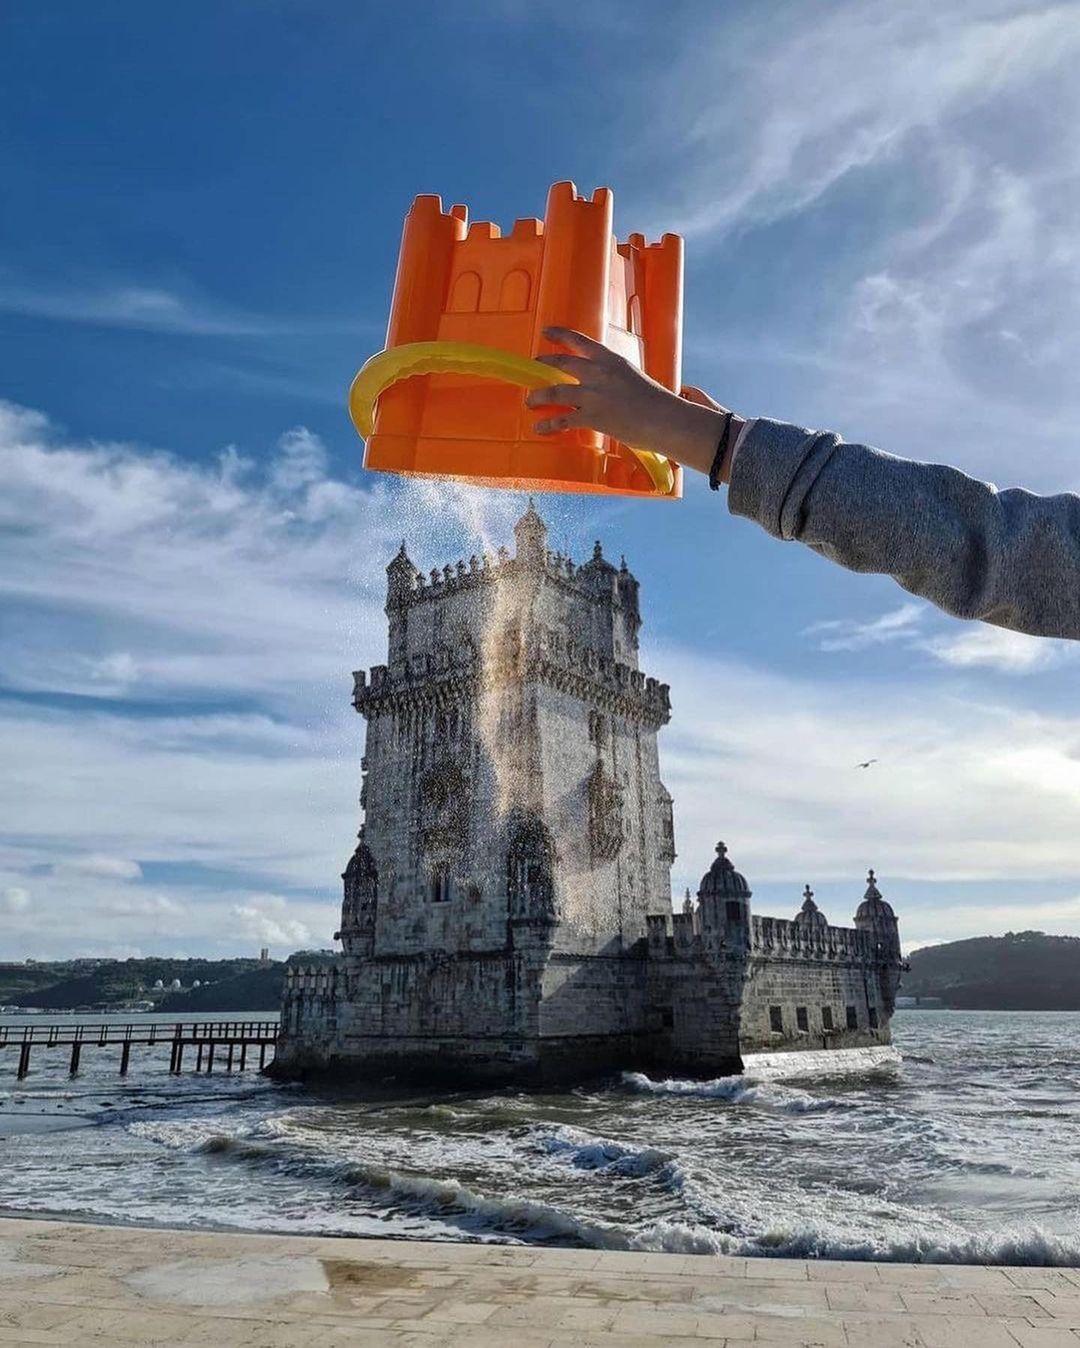 Pháo đài Belem tại Lisbon, Bồ Đào Nha, biến thành một lâu đài cát khổng lồ. Nơi đây được xây dựng với mục đích ban đầu để bảo vệ thành phố, sau đó thành một ngọn hải đăng và là một trung tâm hải quan. Pháo đài được xếp hạng Di sản Thế giới bởi UNESCO vào năm 1983.